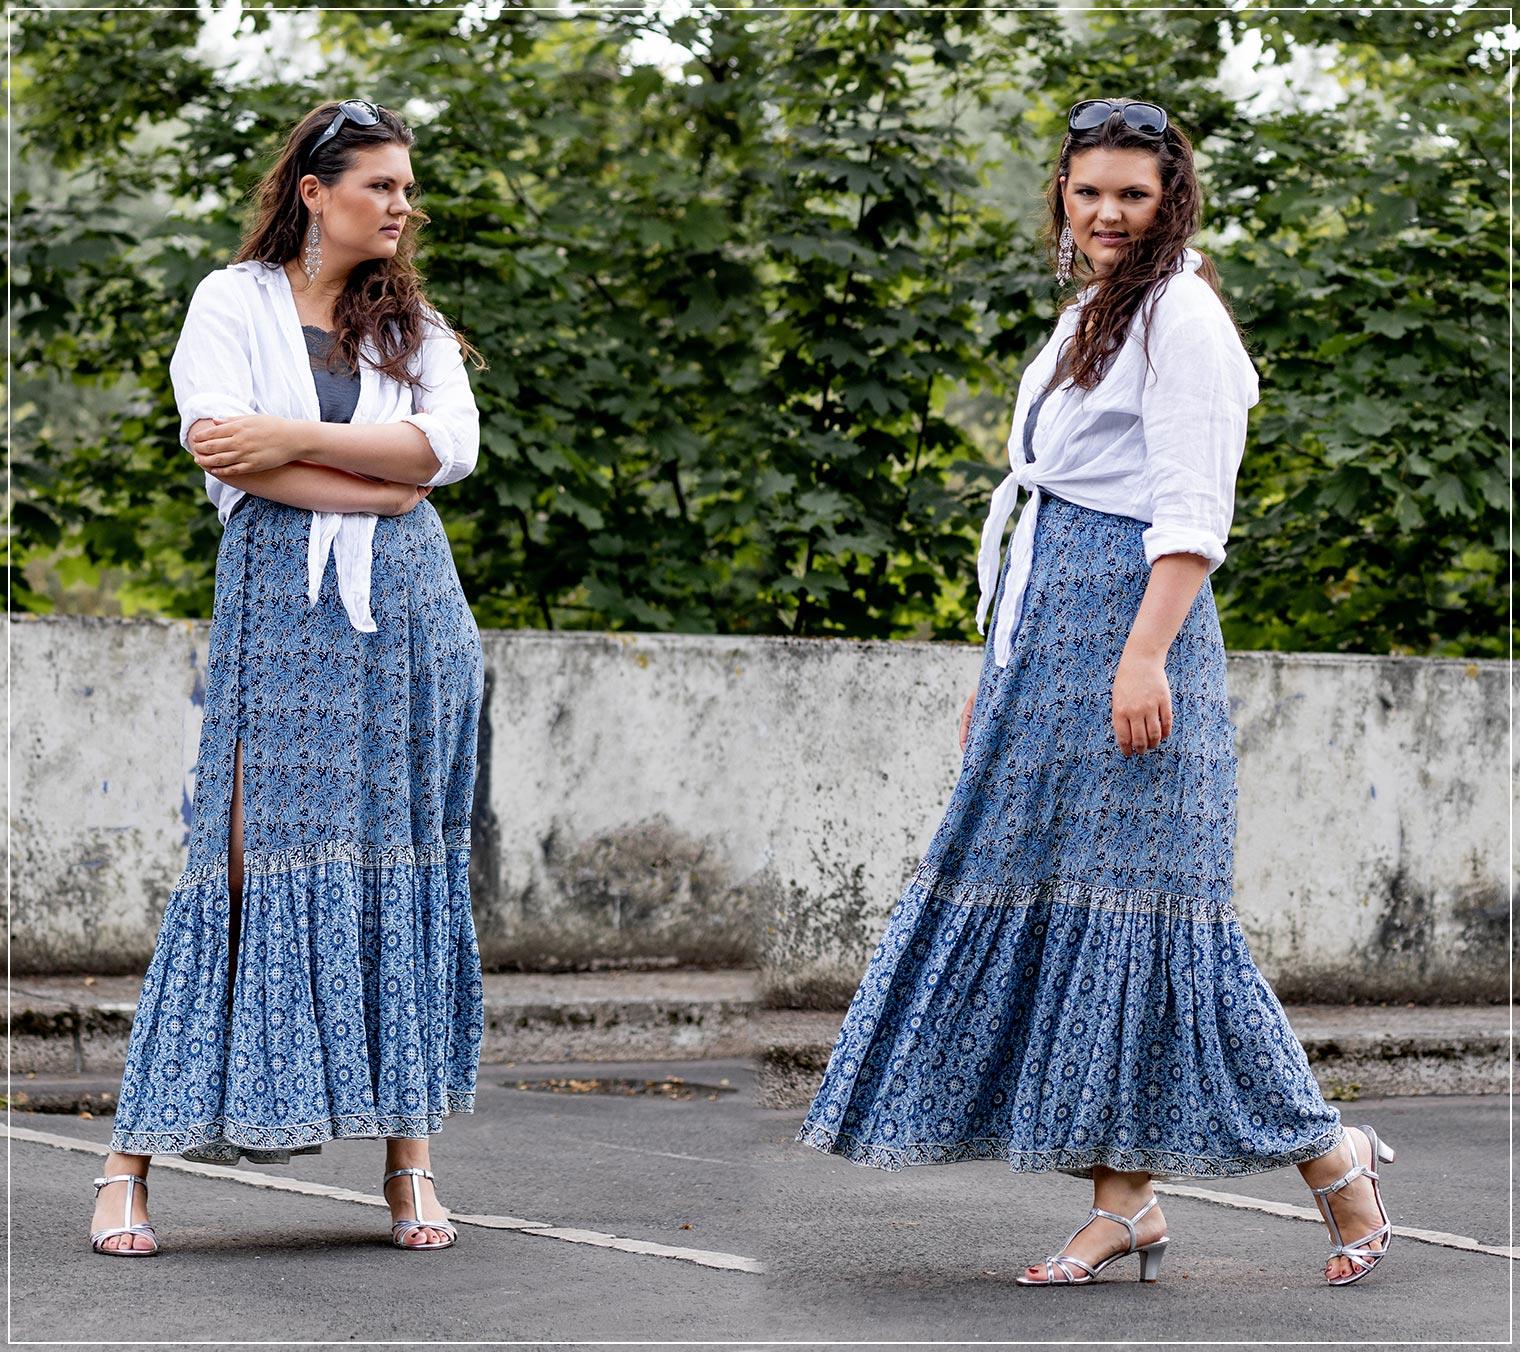 Boho-Look im Sommer mit weißem Kragen und Maxirock